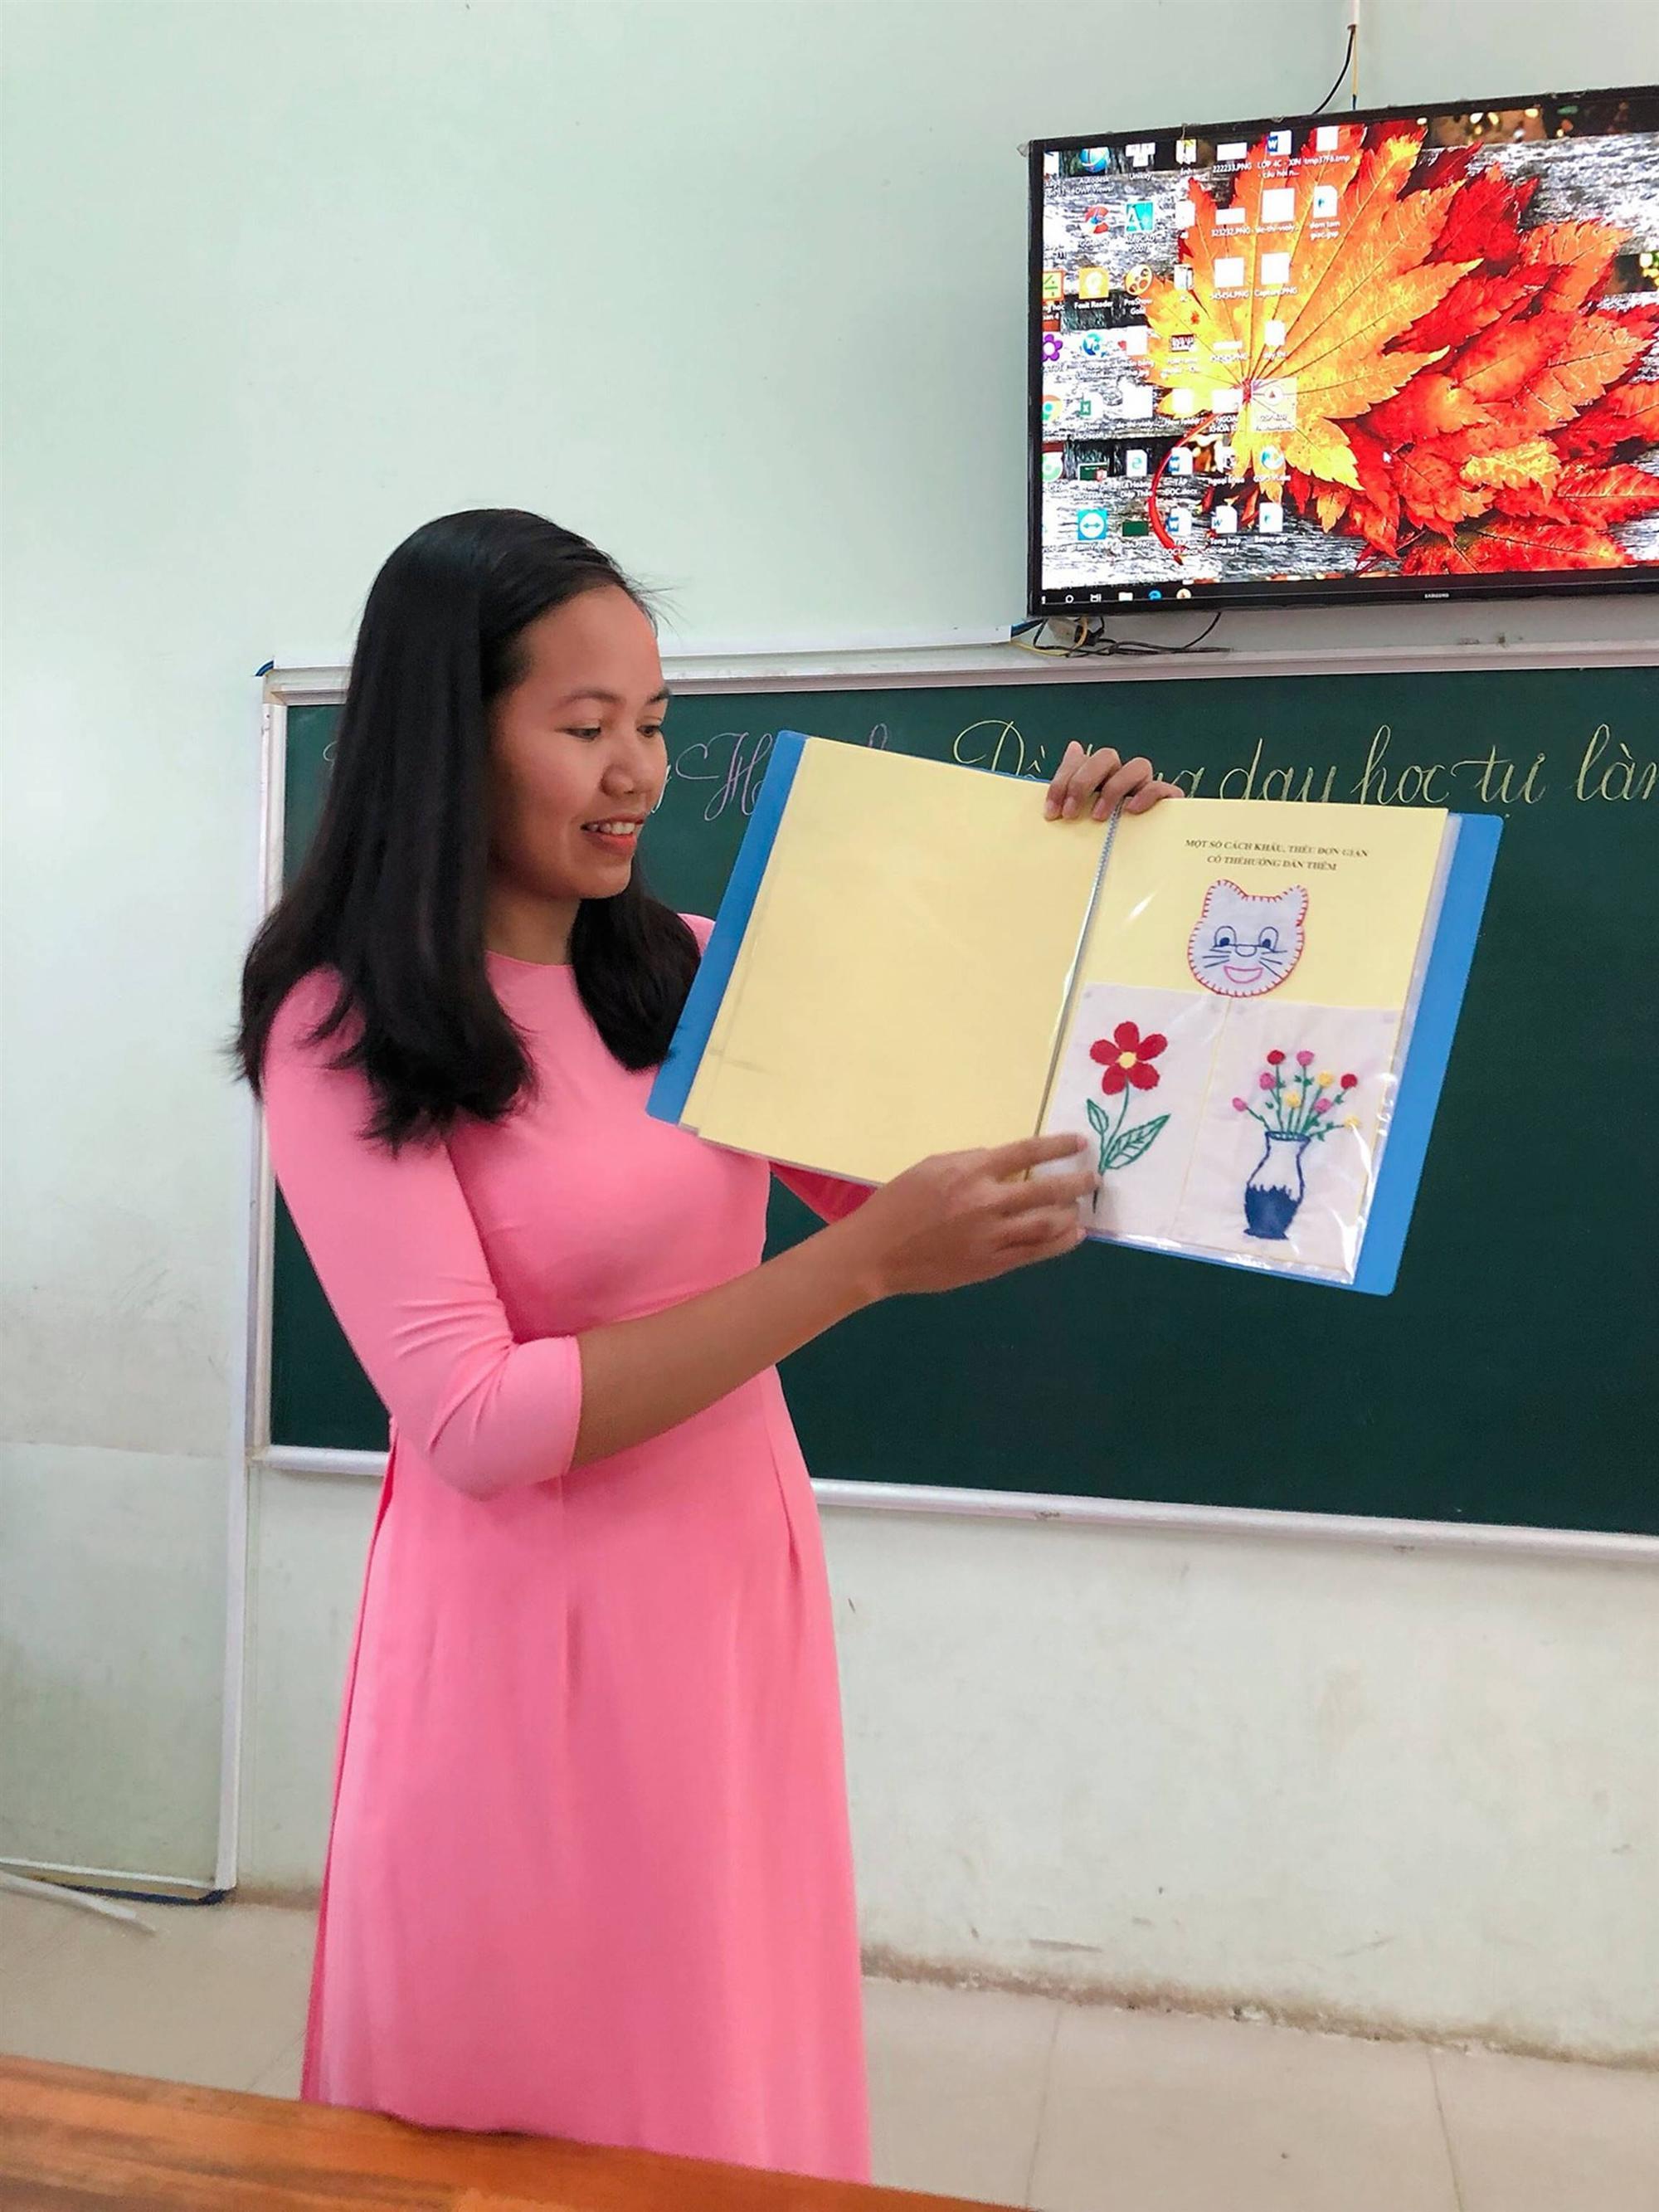 Các cô giáo viết đẹp hơn đánh máy ở Quảng Trị tiếp tục gây sốt với khả năng sáng tạo đồ dùng dạy học không giới hạn-5